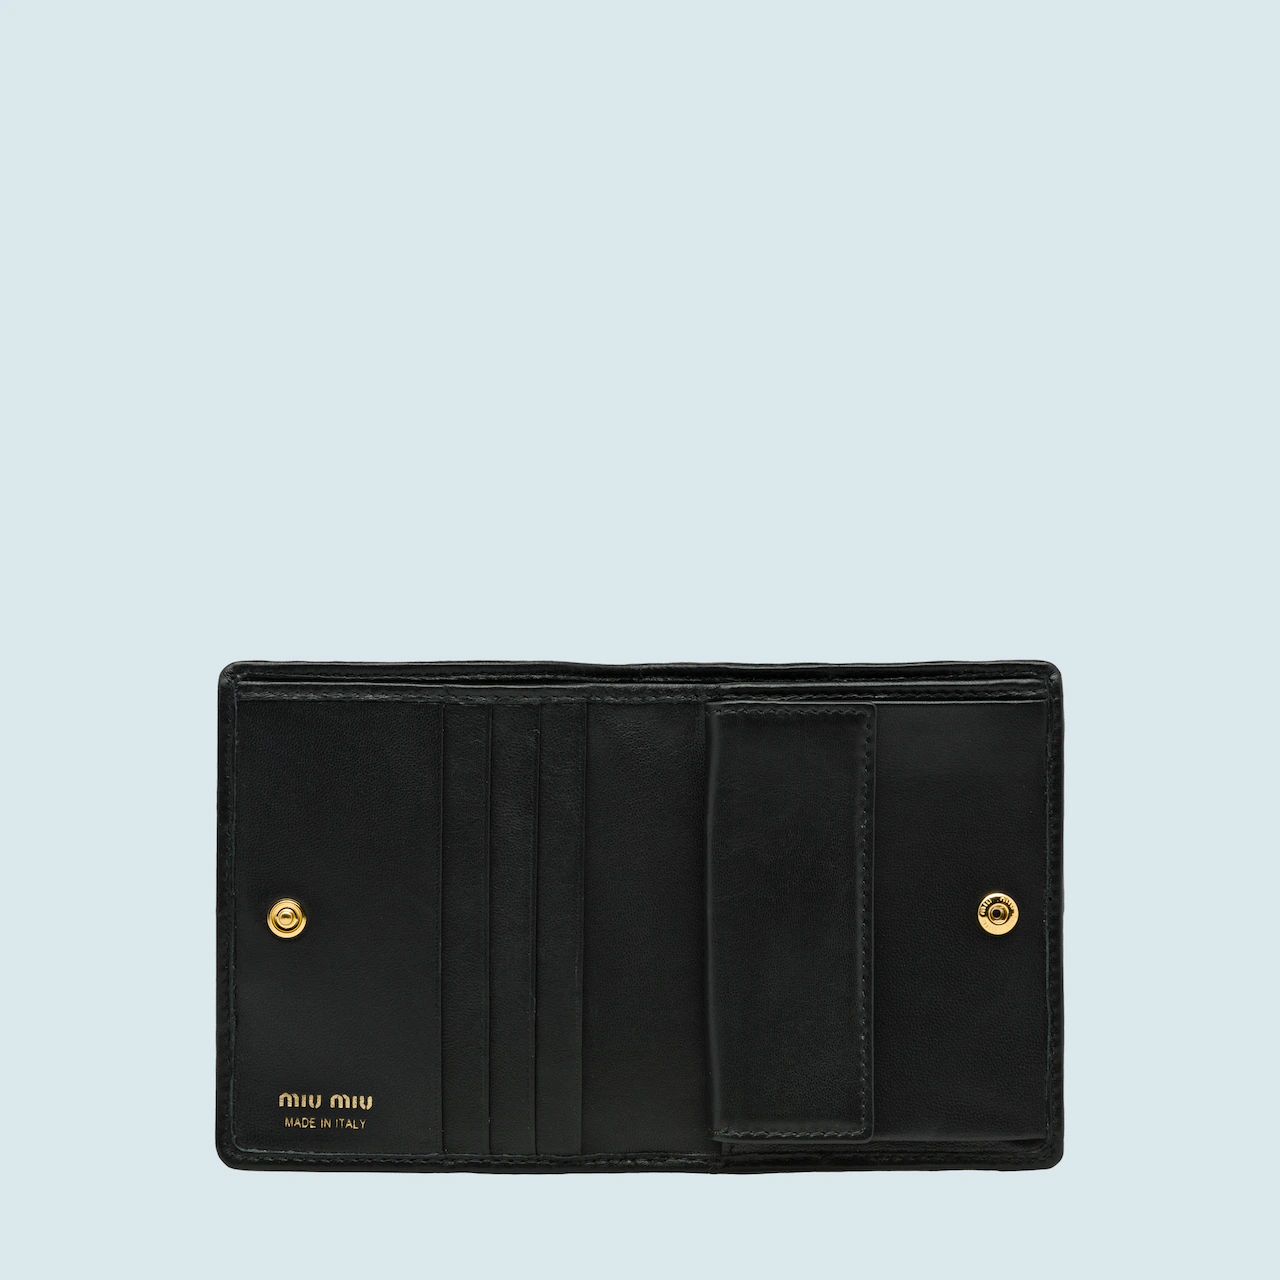 9. กระเป๋าสตางค์แบรนด์ Miu Miu 02